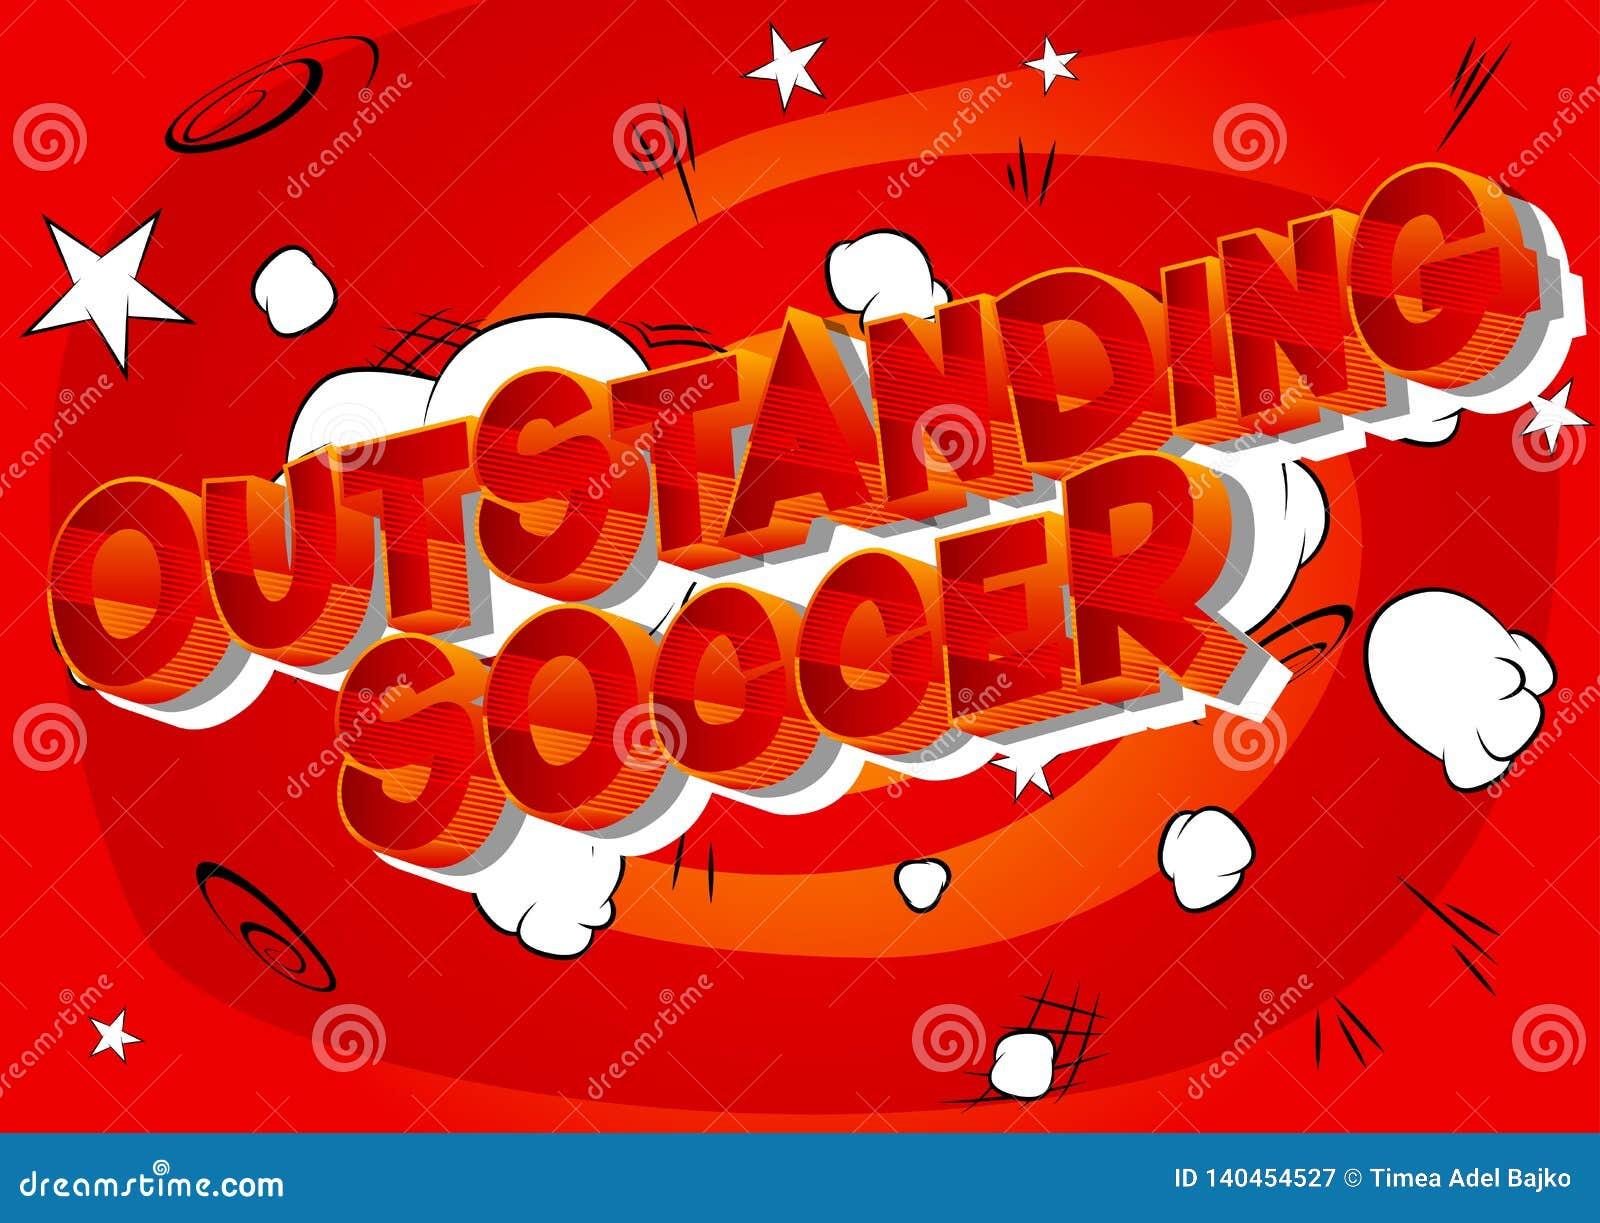 Le football exceptionnel - mots de style de bande dessinée